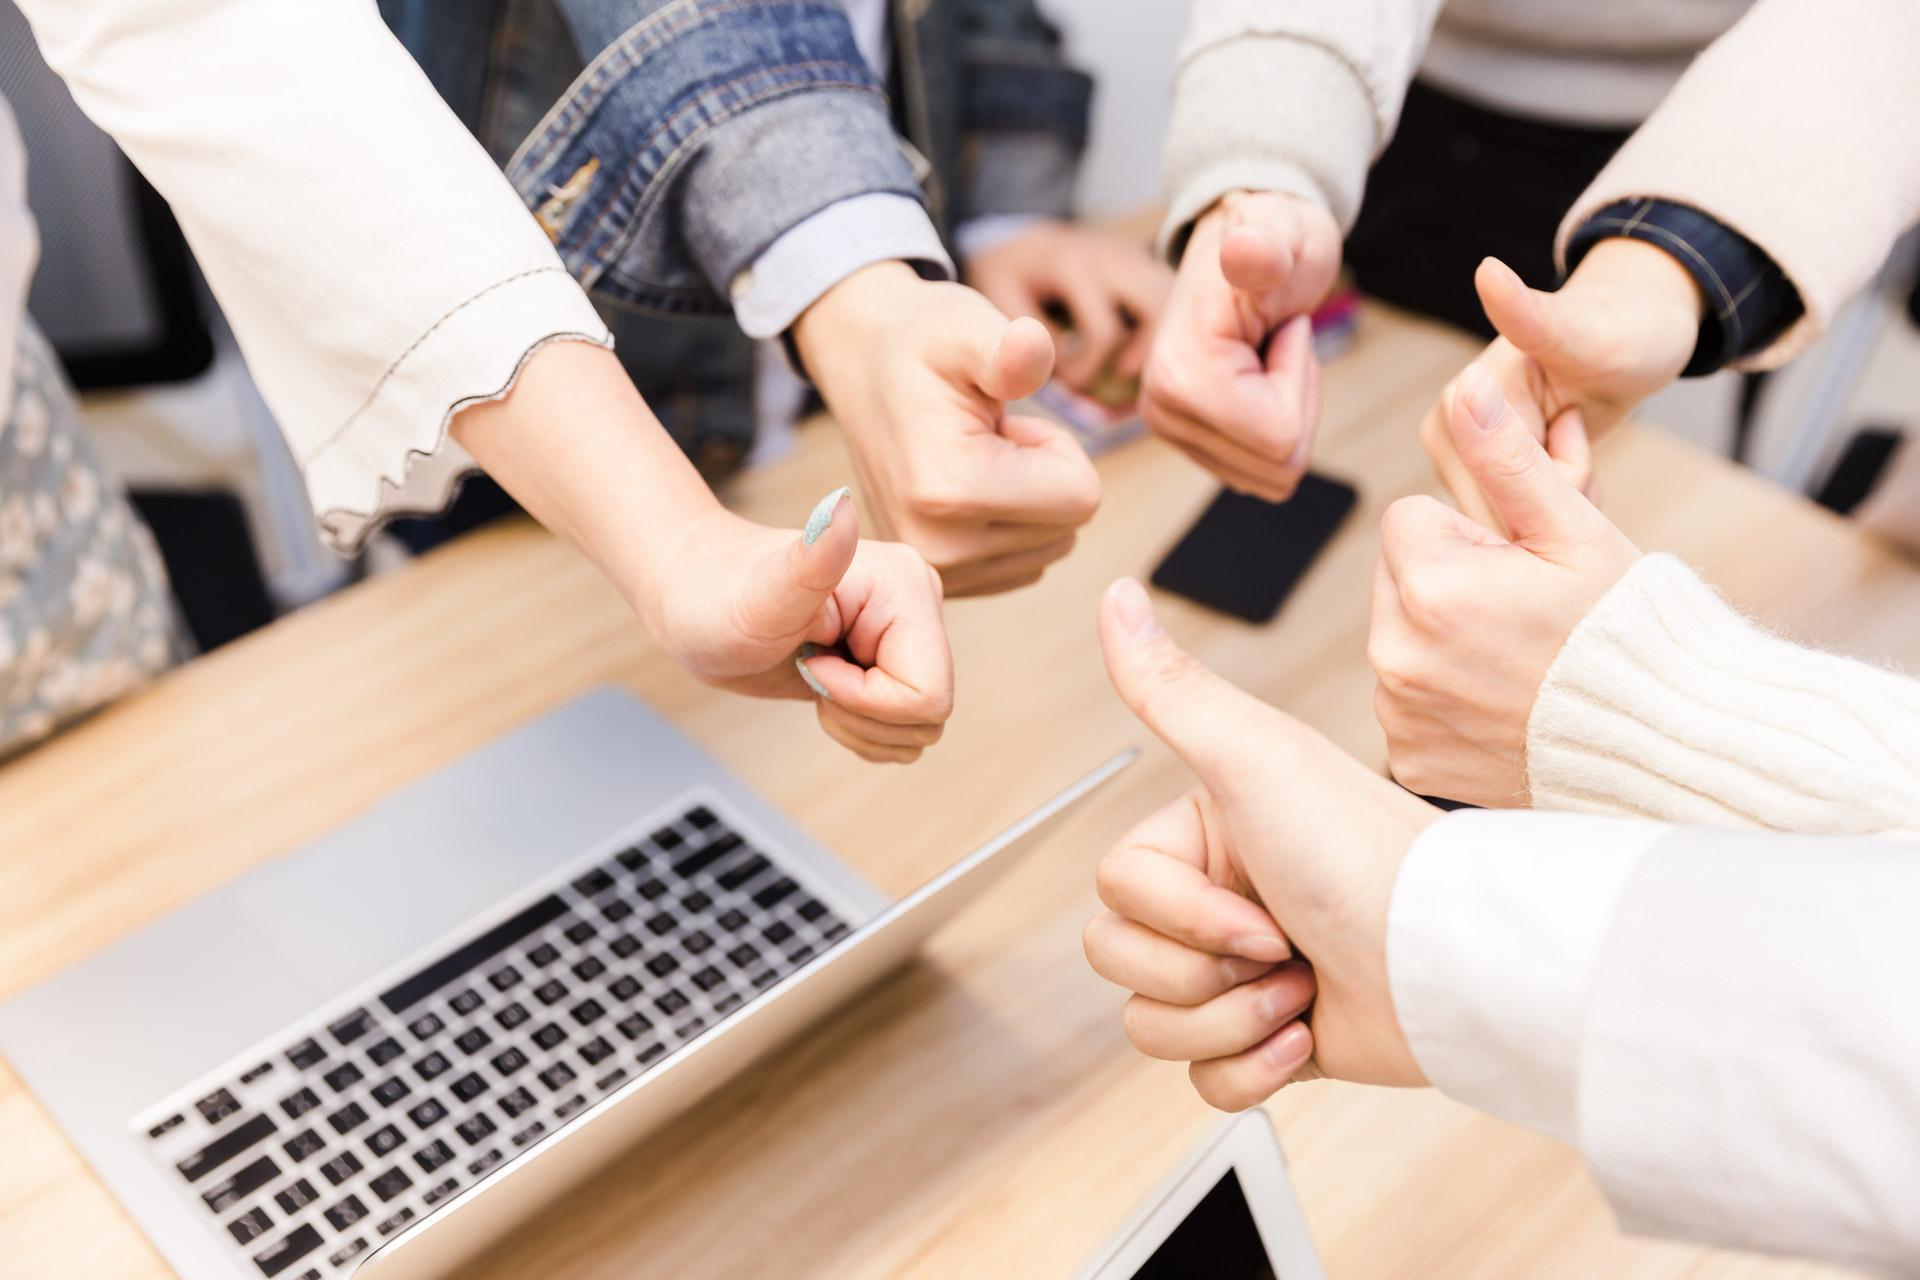 商务,IT,团队